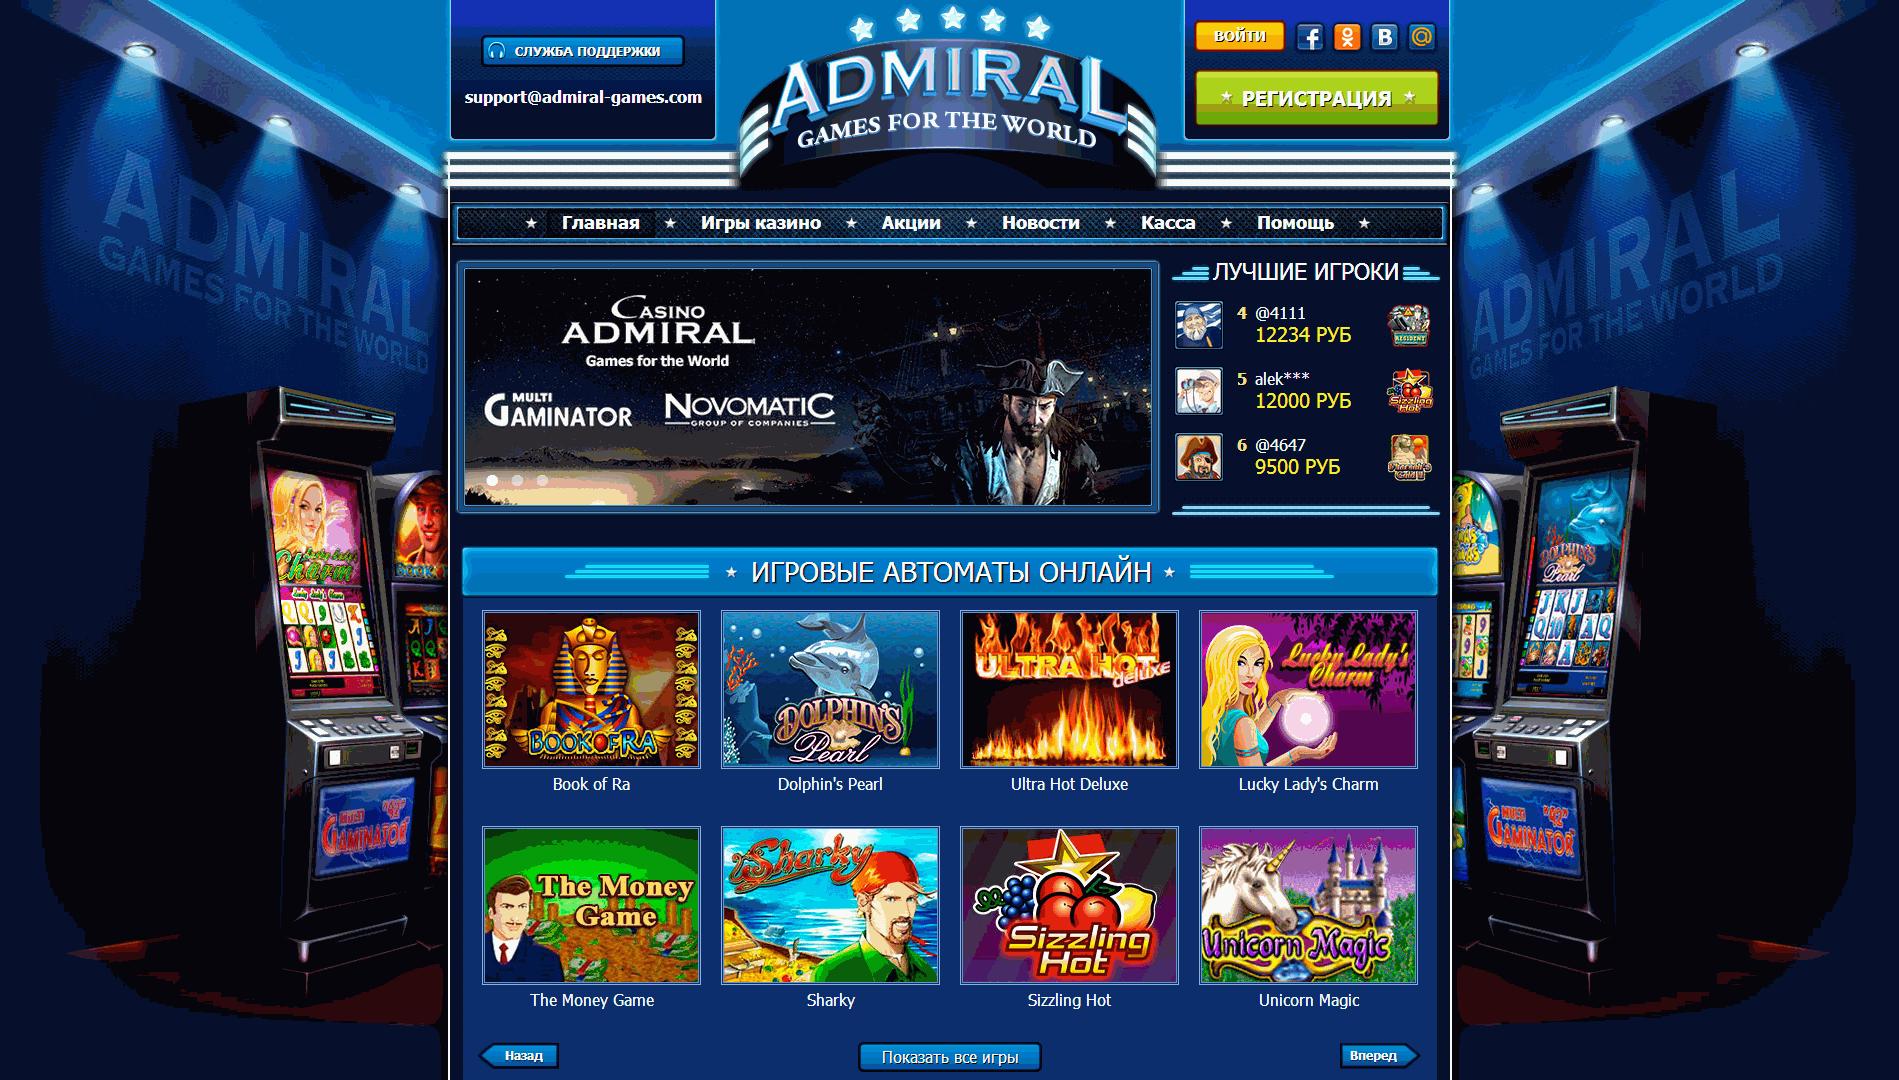 Играть бесплатно в игровые автоматы адмирал как играть в карты тысячи